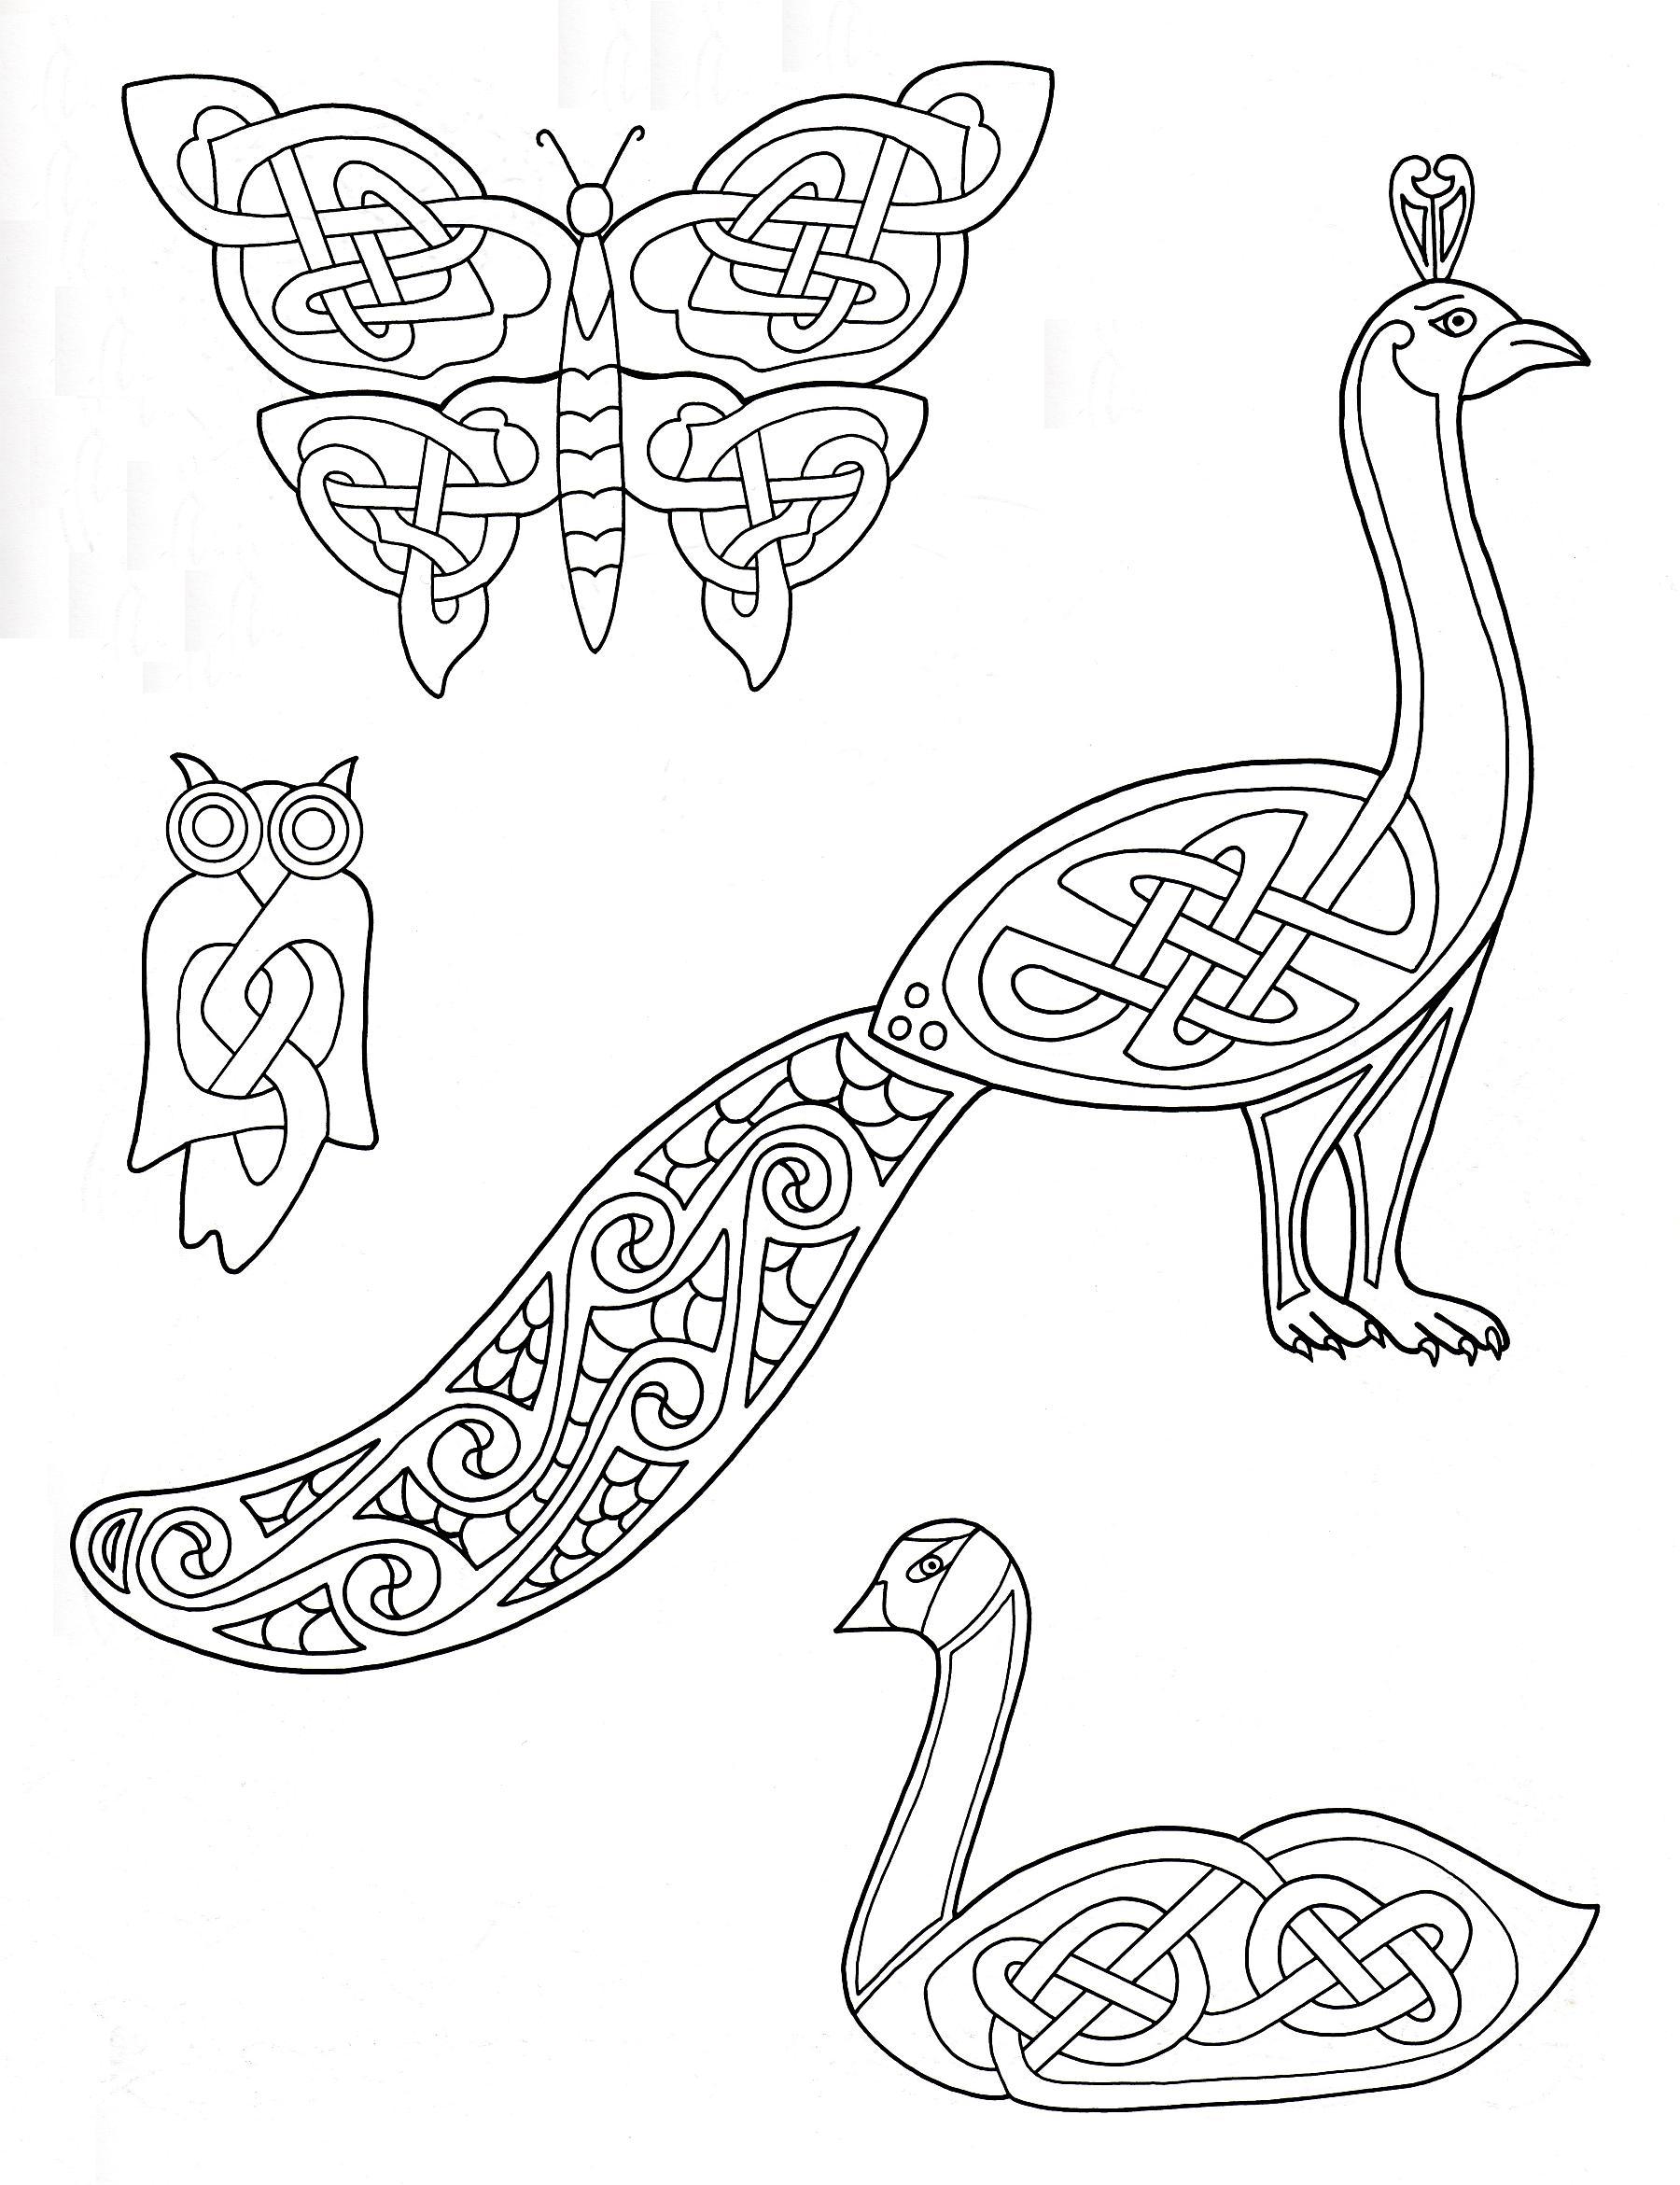 4 animaux dessinés avec des éléments entrelacés